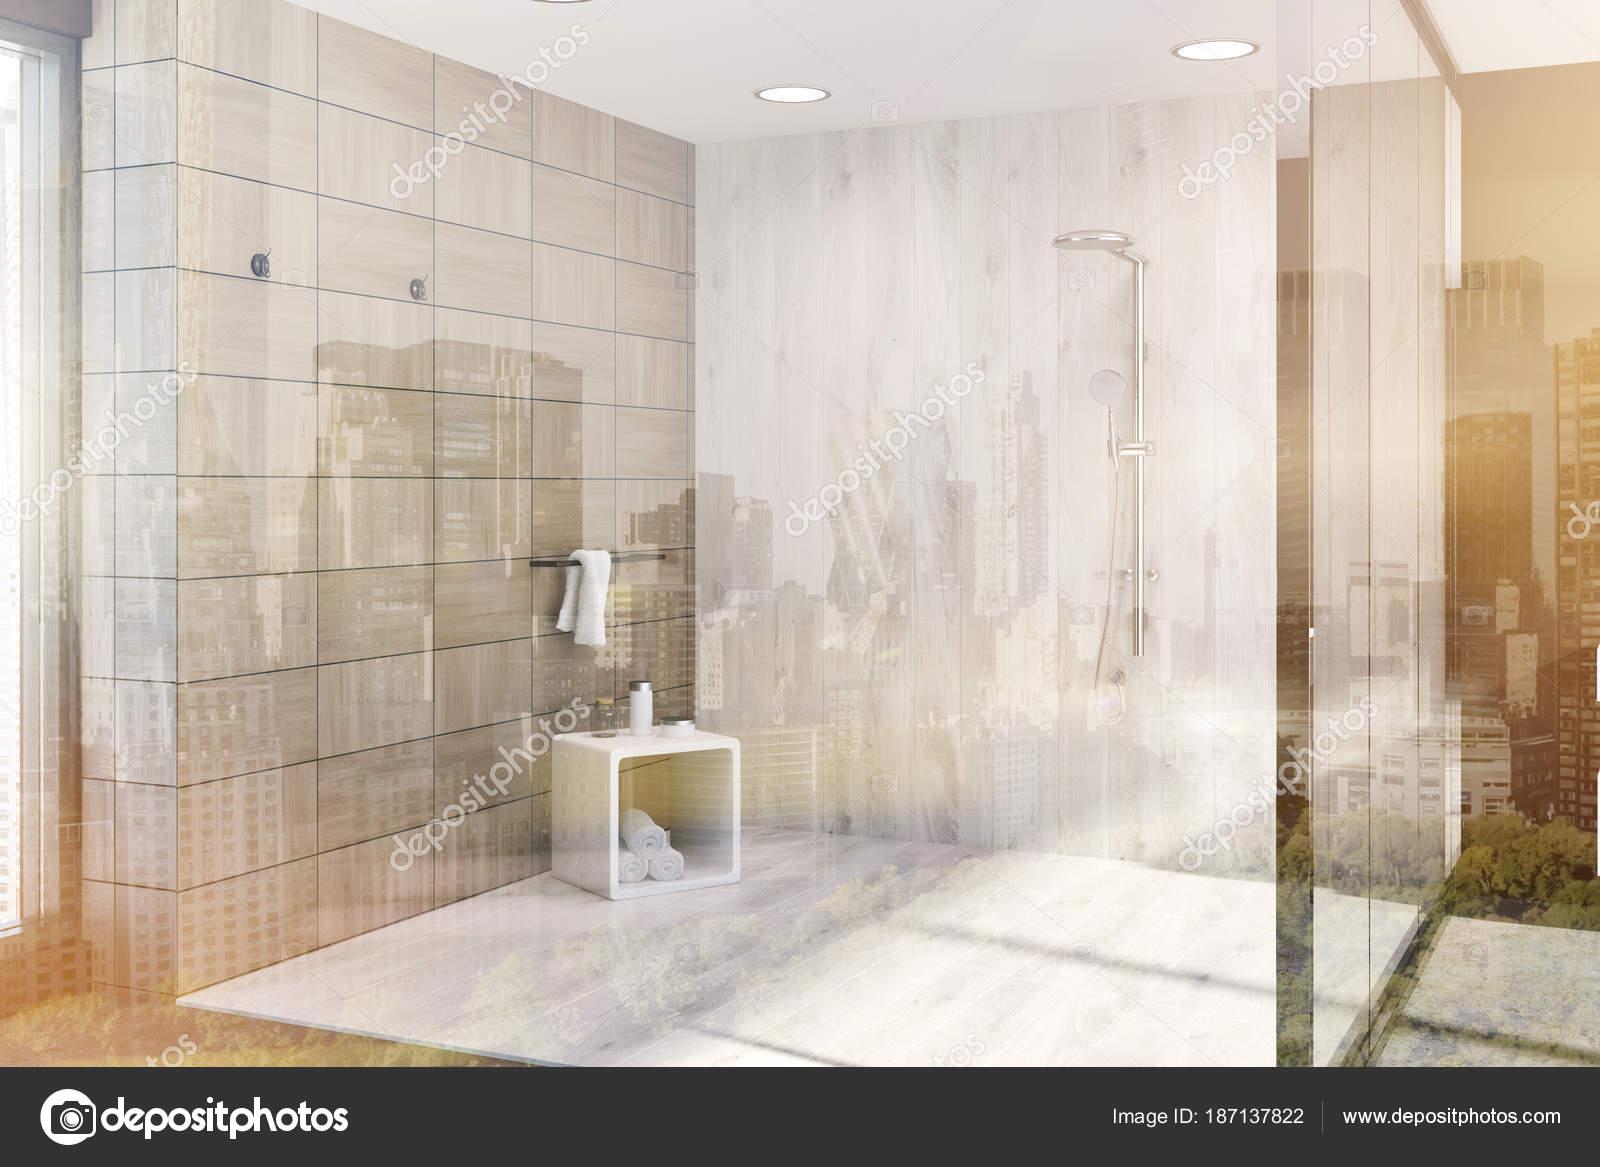 Vasche Da Bagno Angolari Glass : Piastrelle in legno marrone del bagno ad angolo doccia tonica